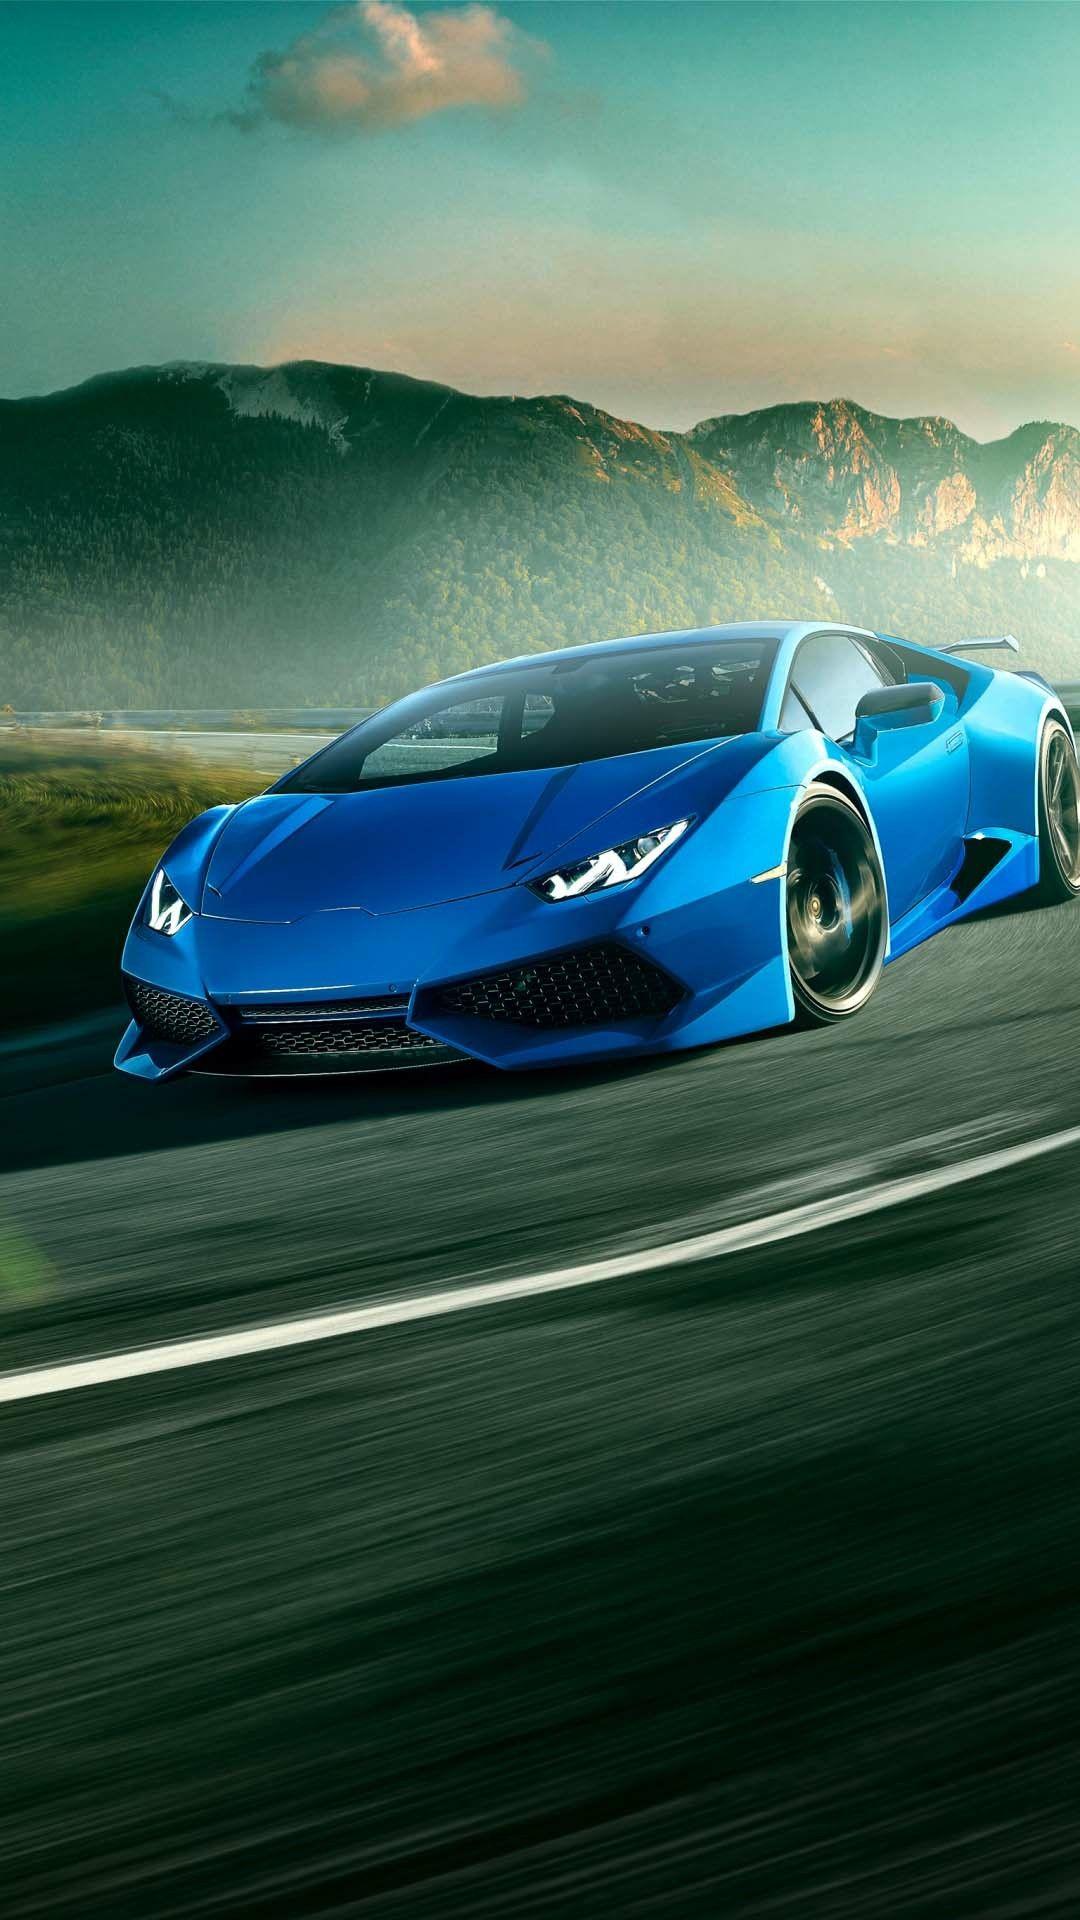 Pin By Kester Sam On Lambo Lamborghini Huracan Lamborghini Cars